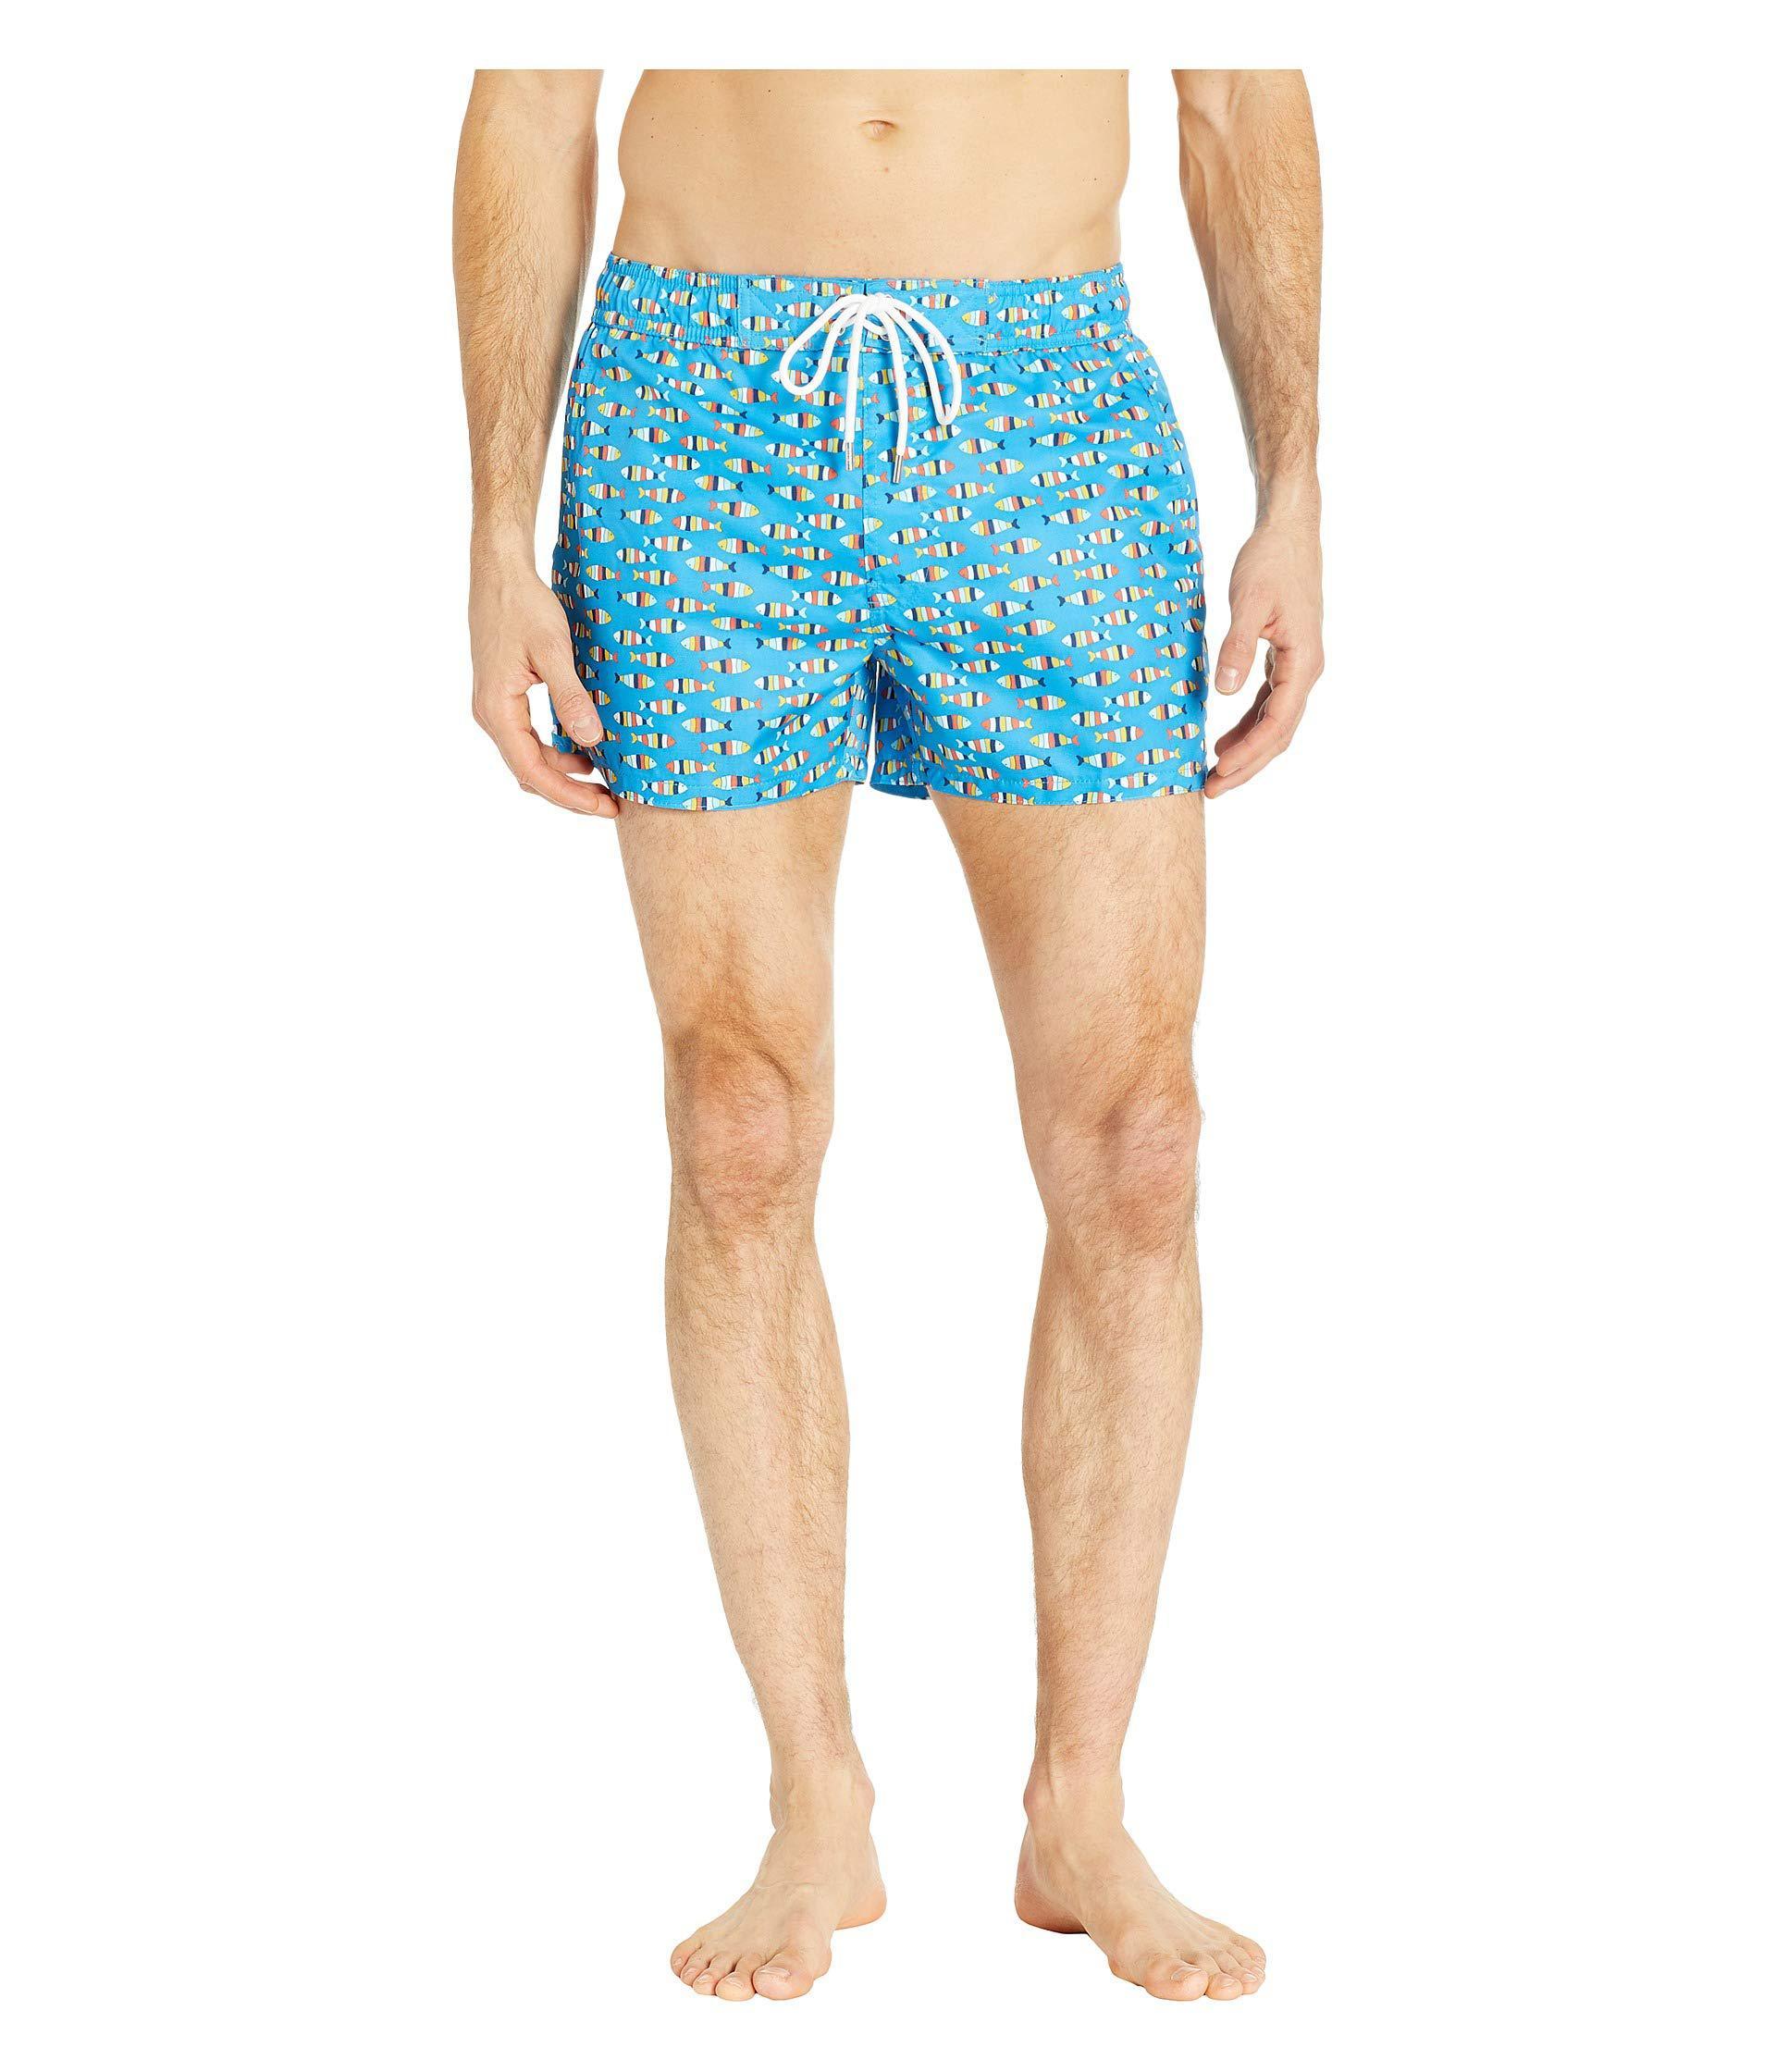 db8d041bb9 Lyst - 2xist 2(x)ist Fashion Woven Ibiza Swim Shorts (multi Striped ...